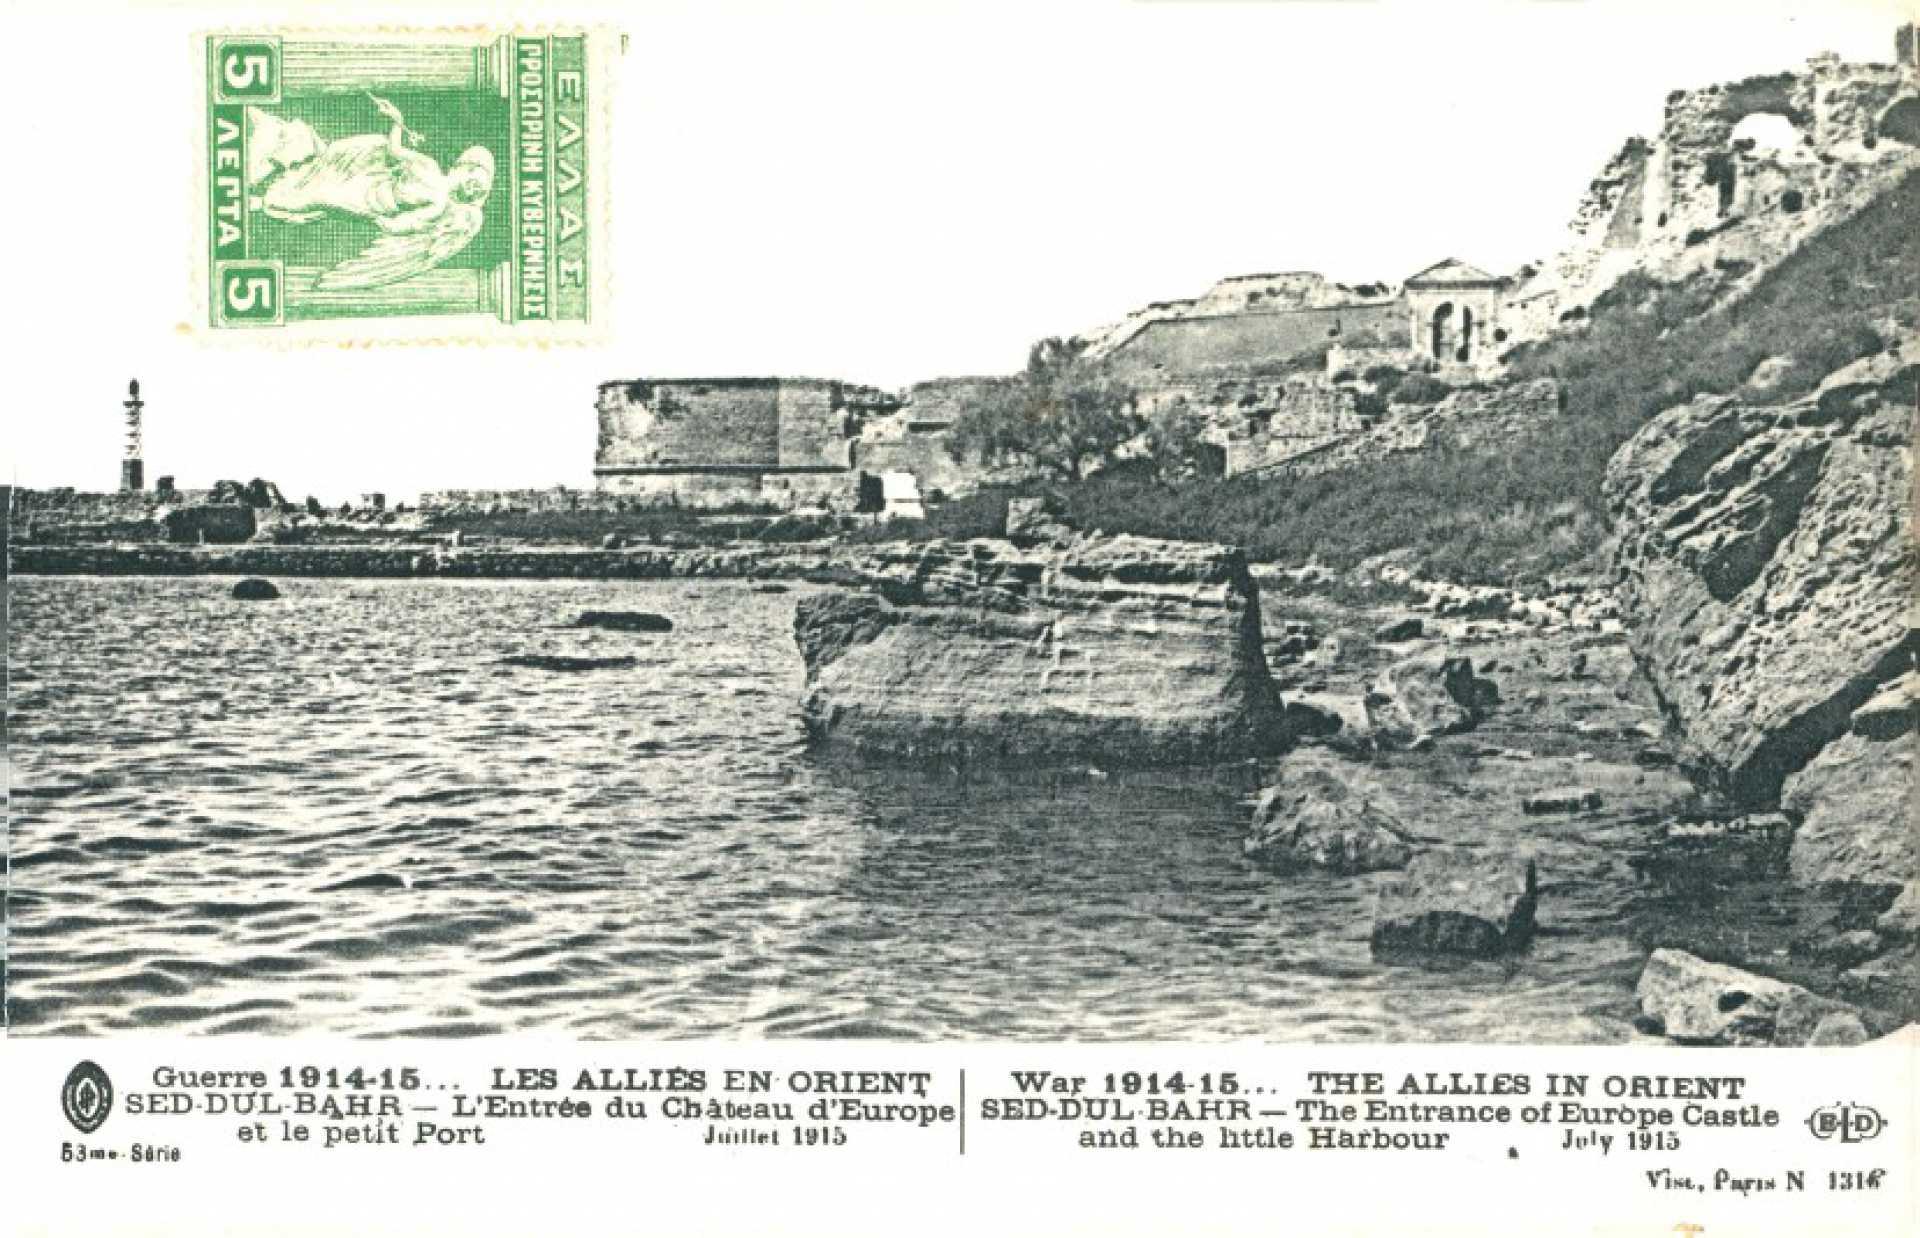 Guerre 1914-15… Les Allies en orient Sed-Dul-Bahr – L'Entree du Chateau d'Europe et le petit Port. Juillet 1915